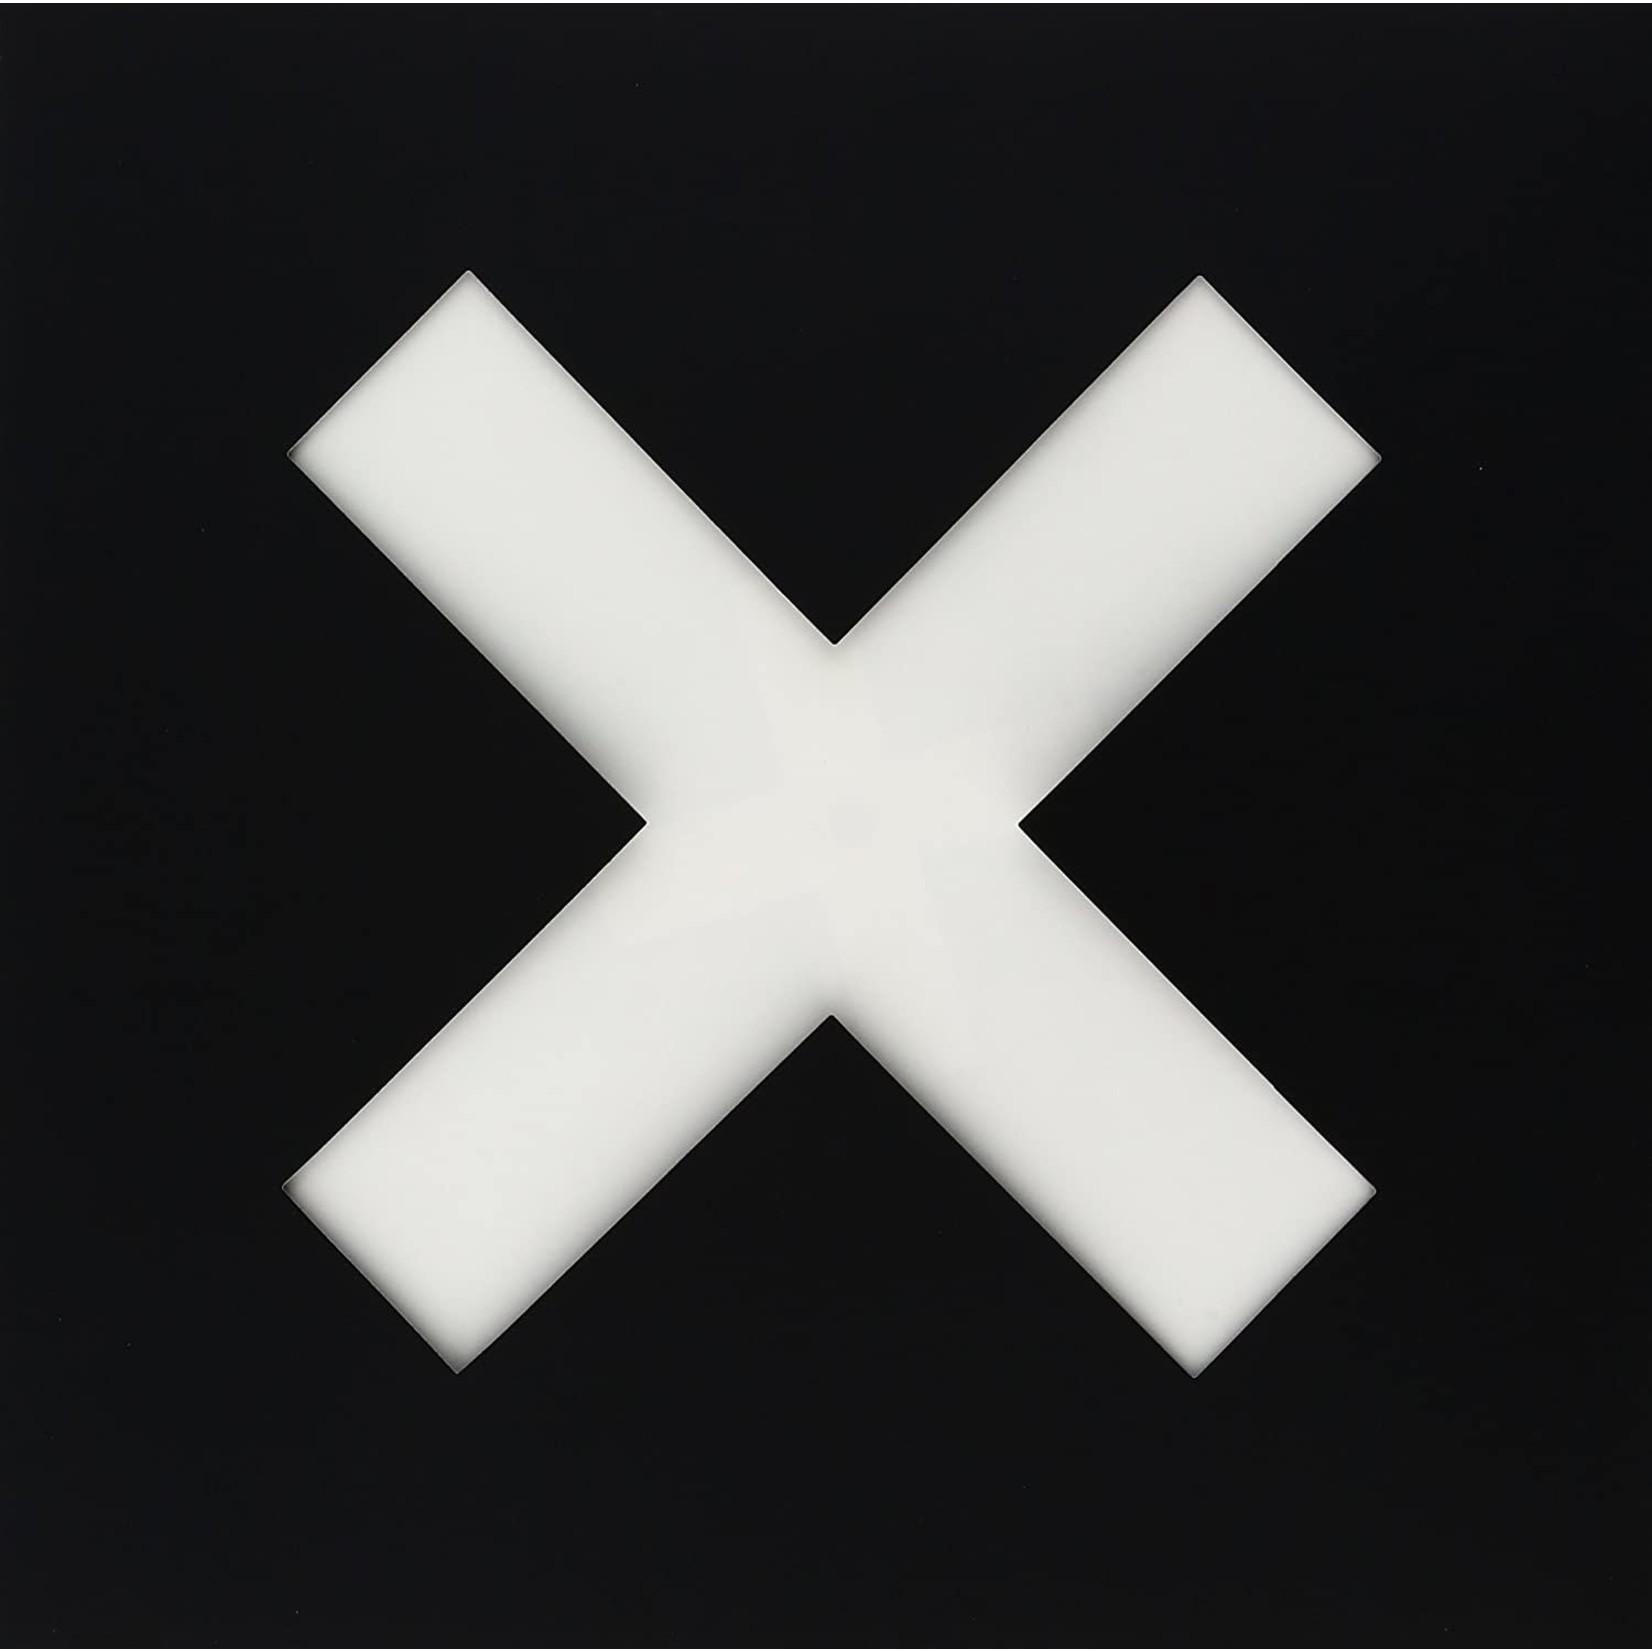 [New] XX: XX